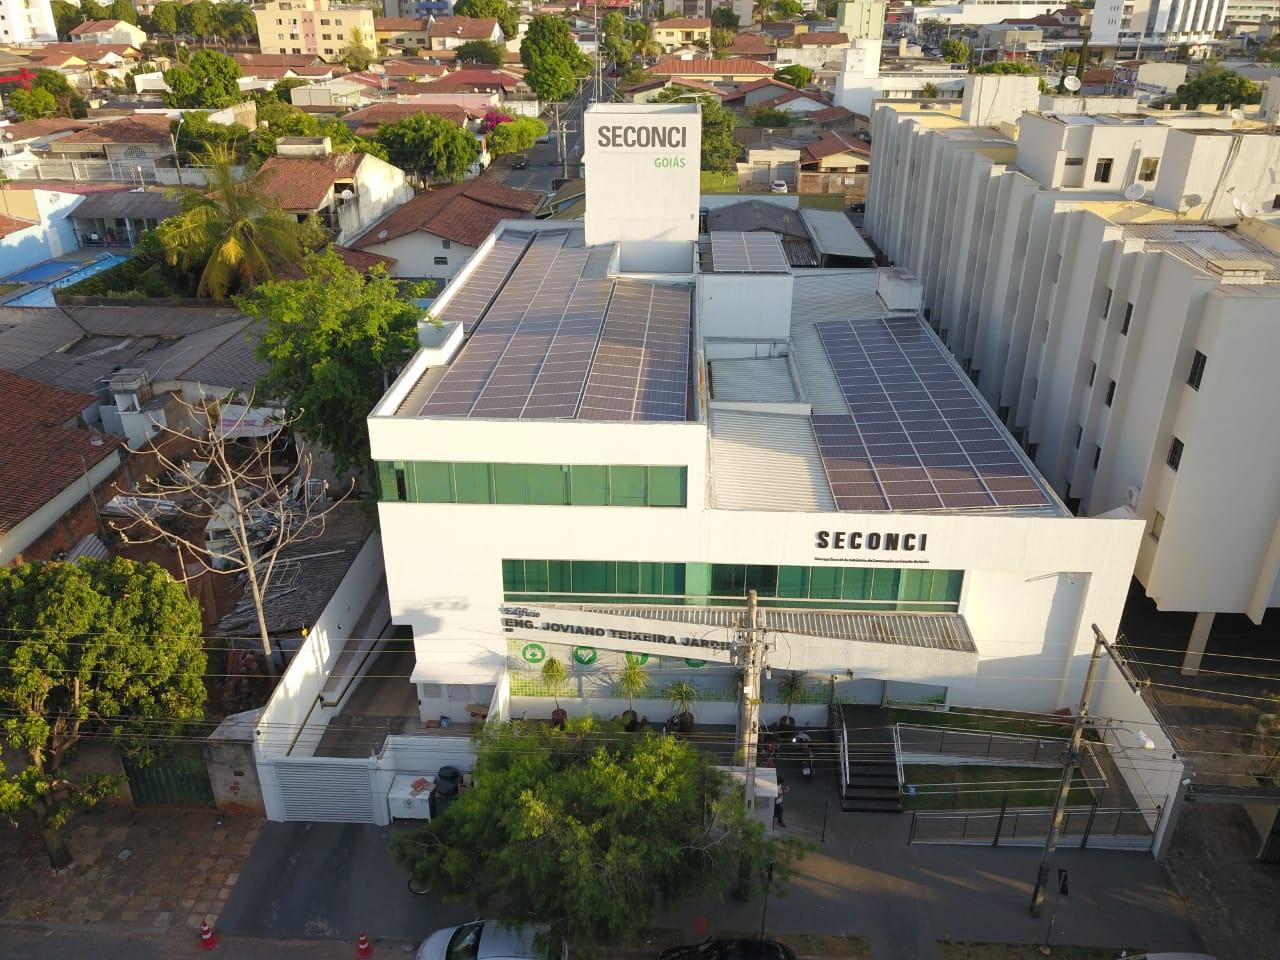 Instituição gera sua própria eletricidade por meio de energia solar